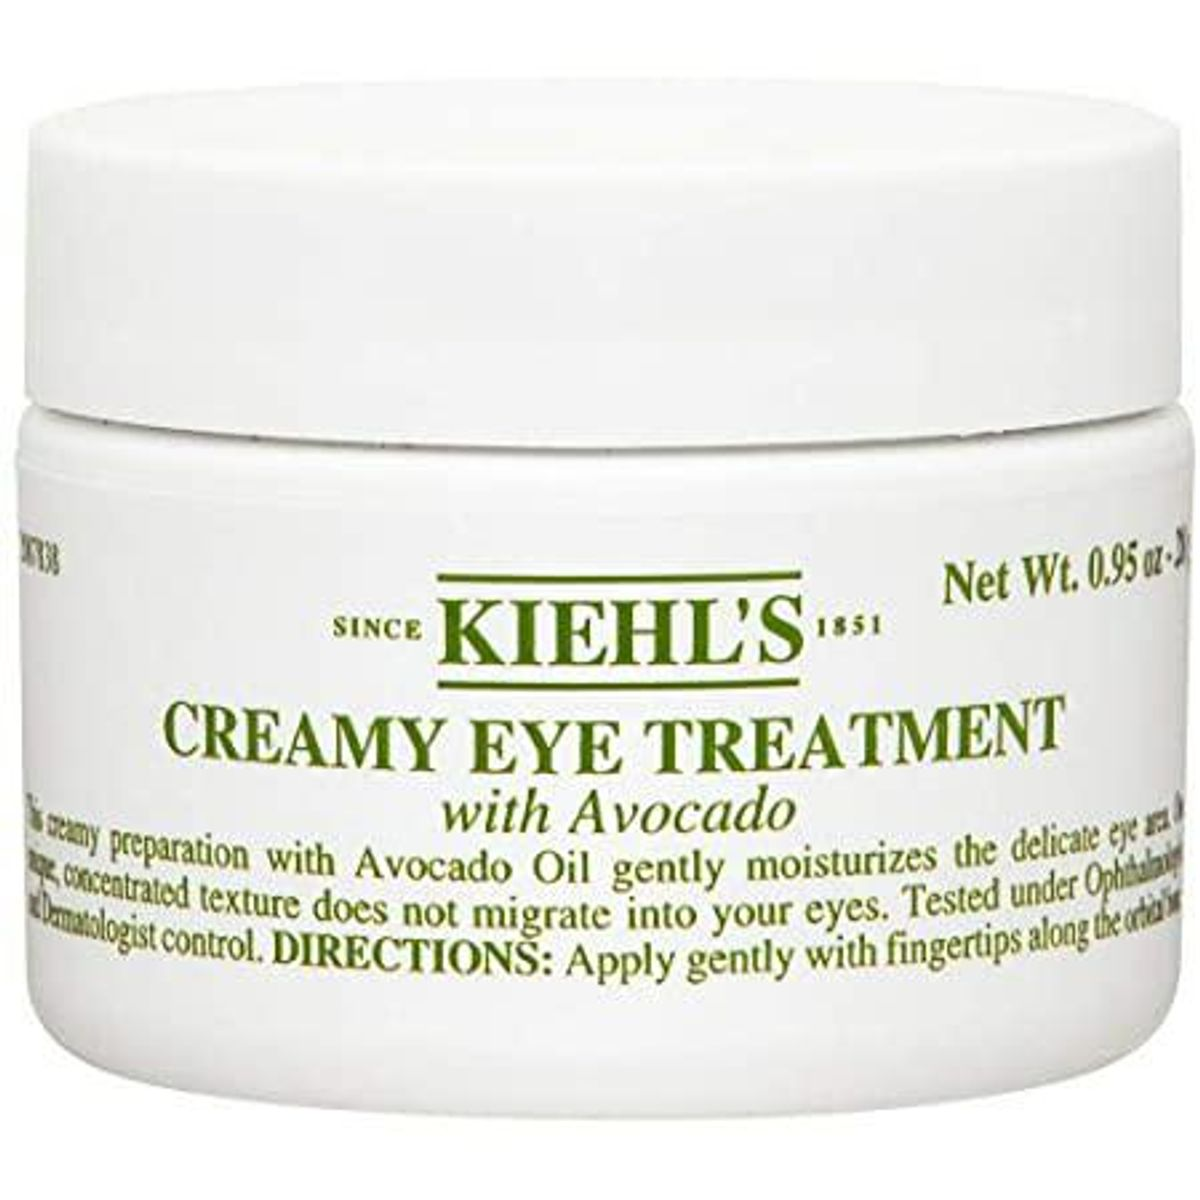 kiehls since 1851 creamy eye treatment with avocado